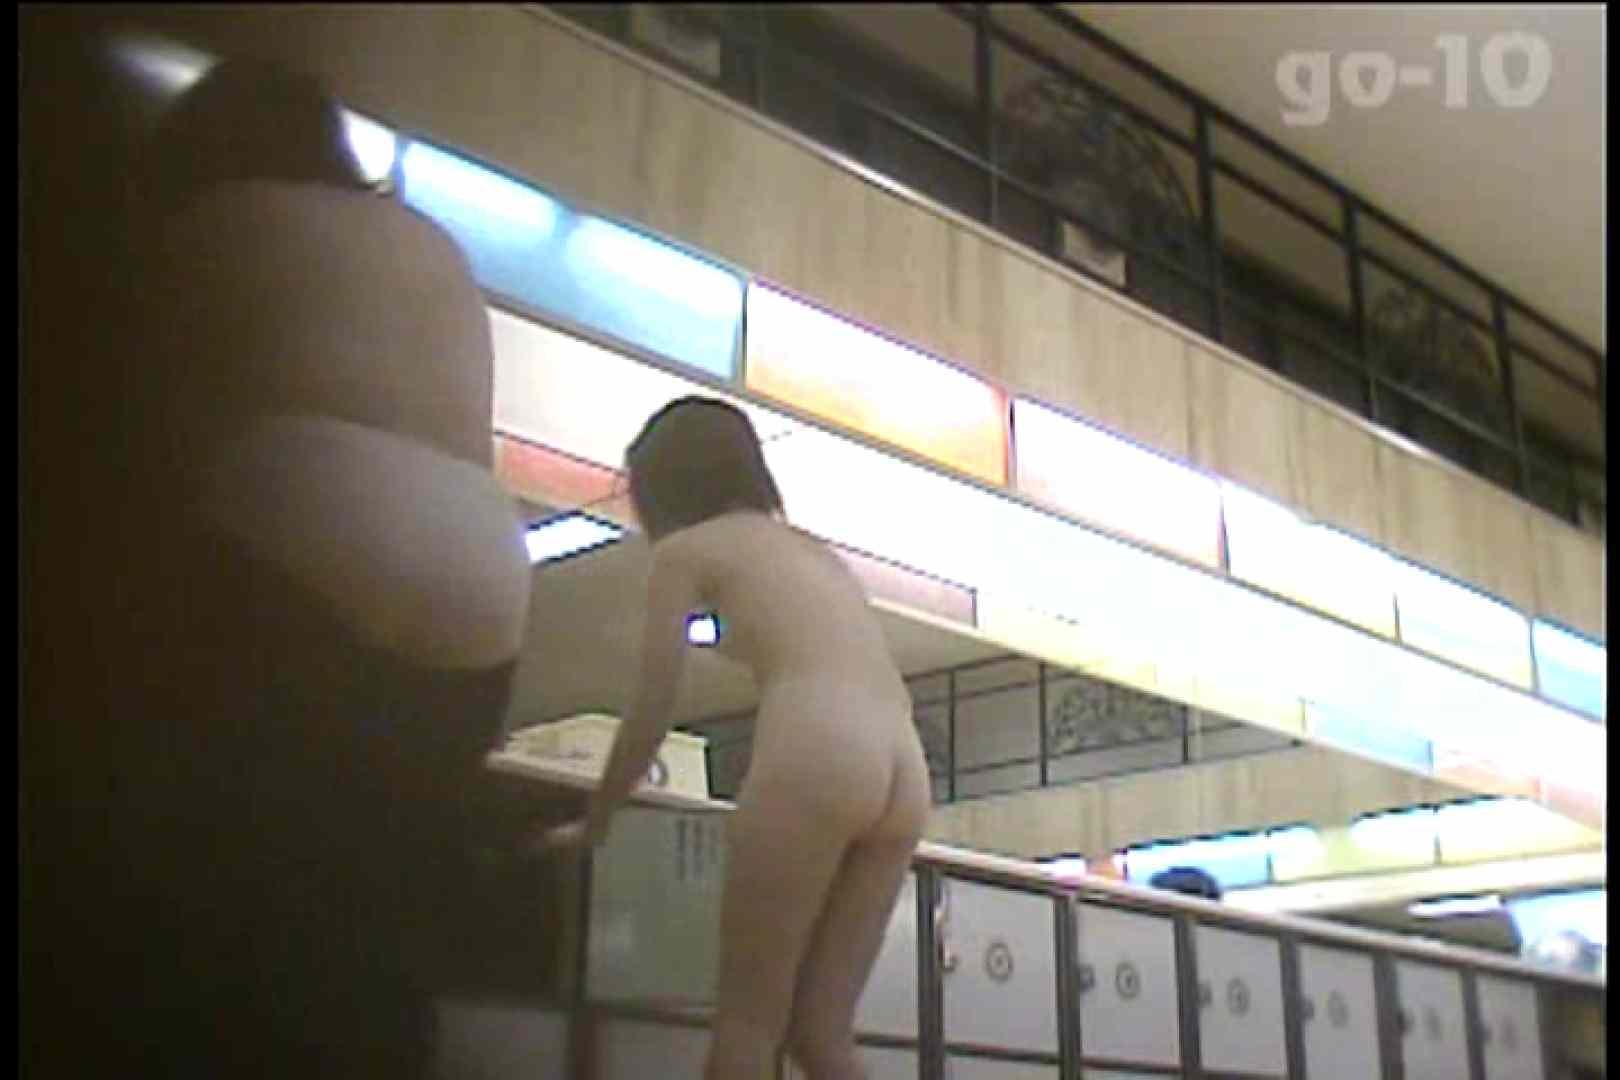 電波カメラ設置浴場からの防HAN映像 Vol.10 ギャル  65PIX 53